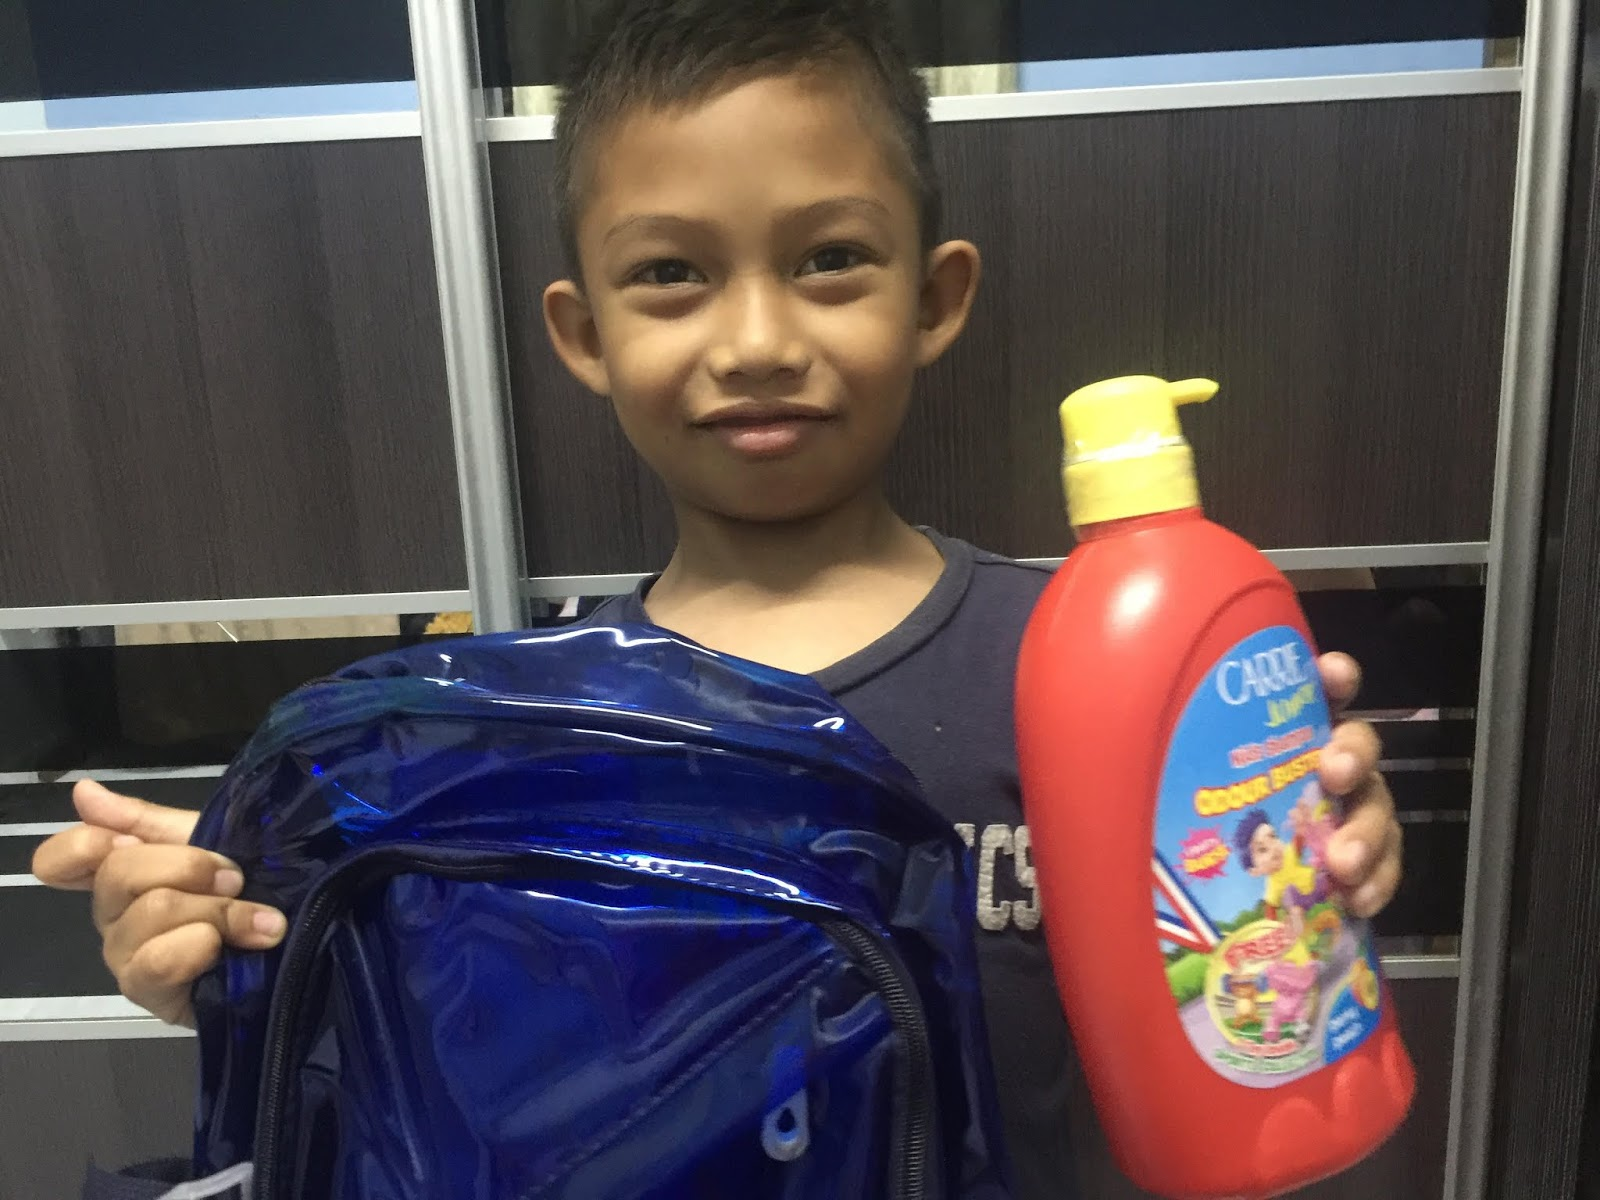 syampu rambut kanak-kanak, istimewa untuk kanak-kanak aktif, carrier junior produk, harga produk carrie junior